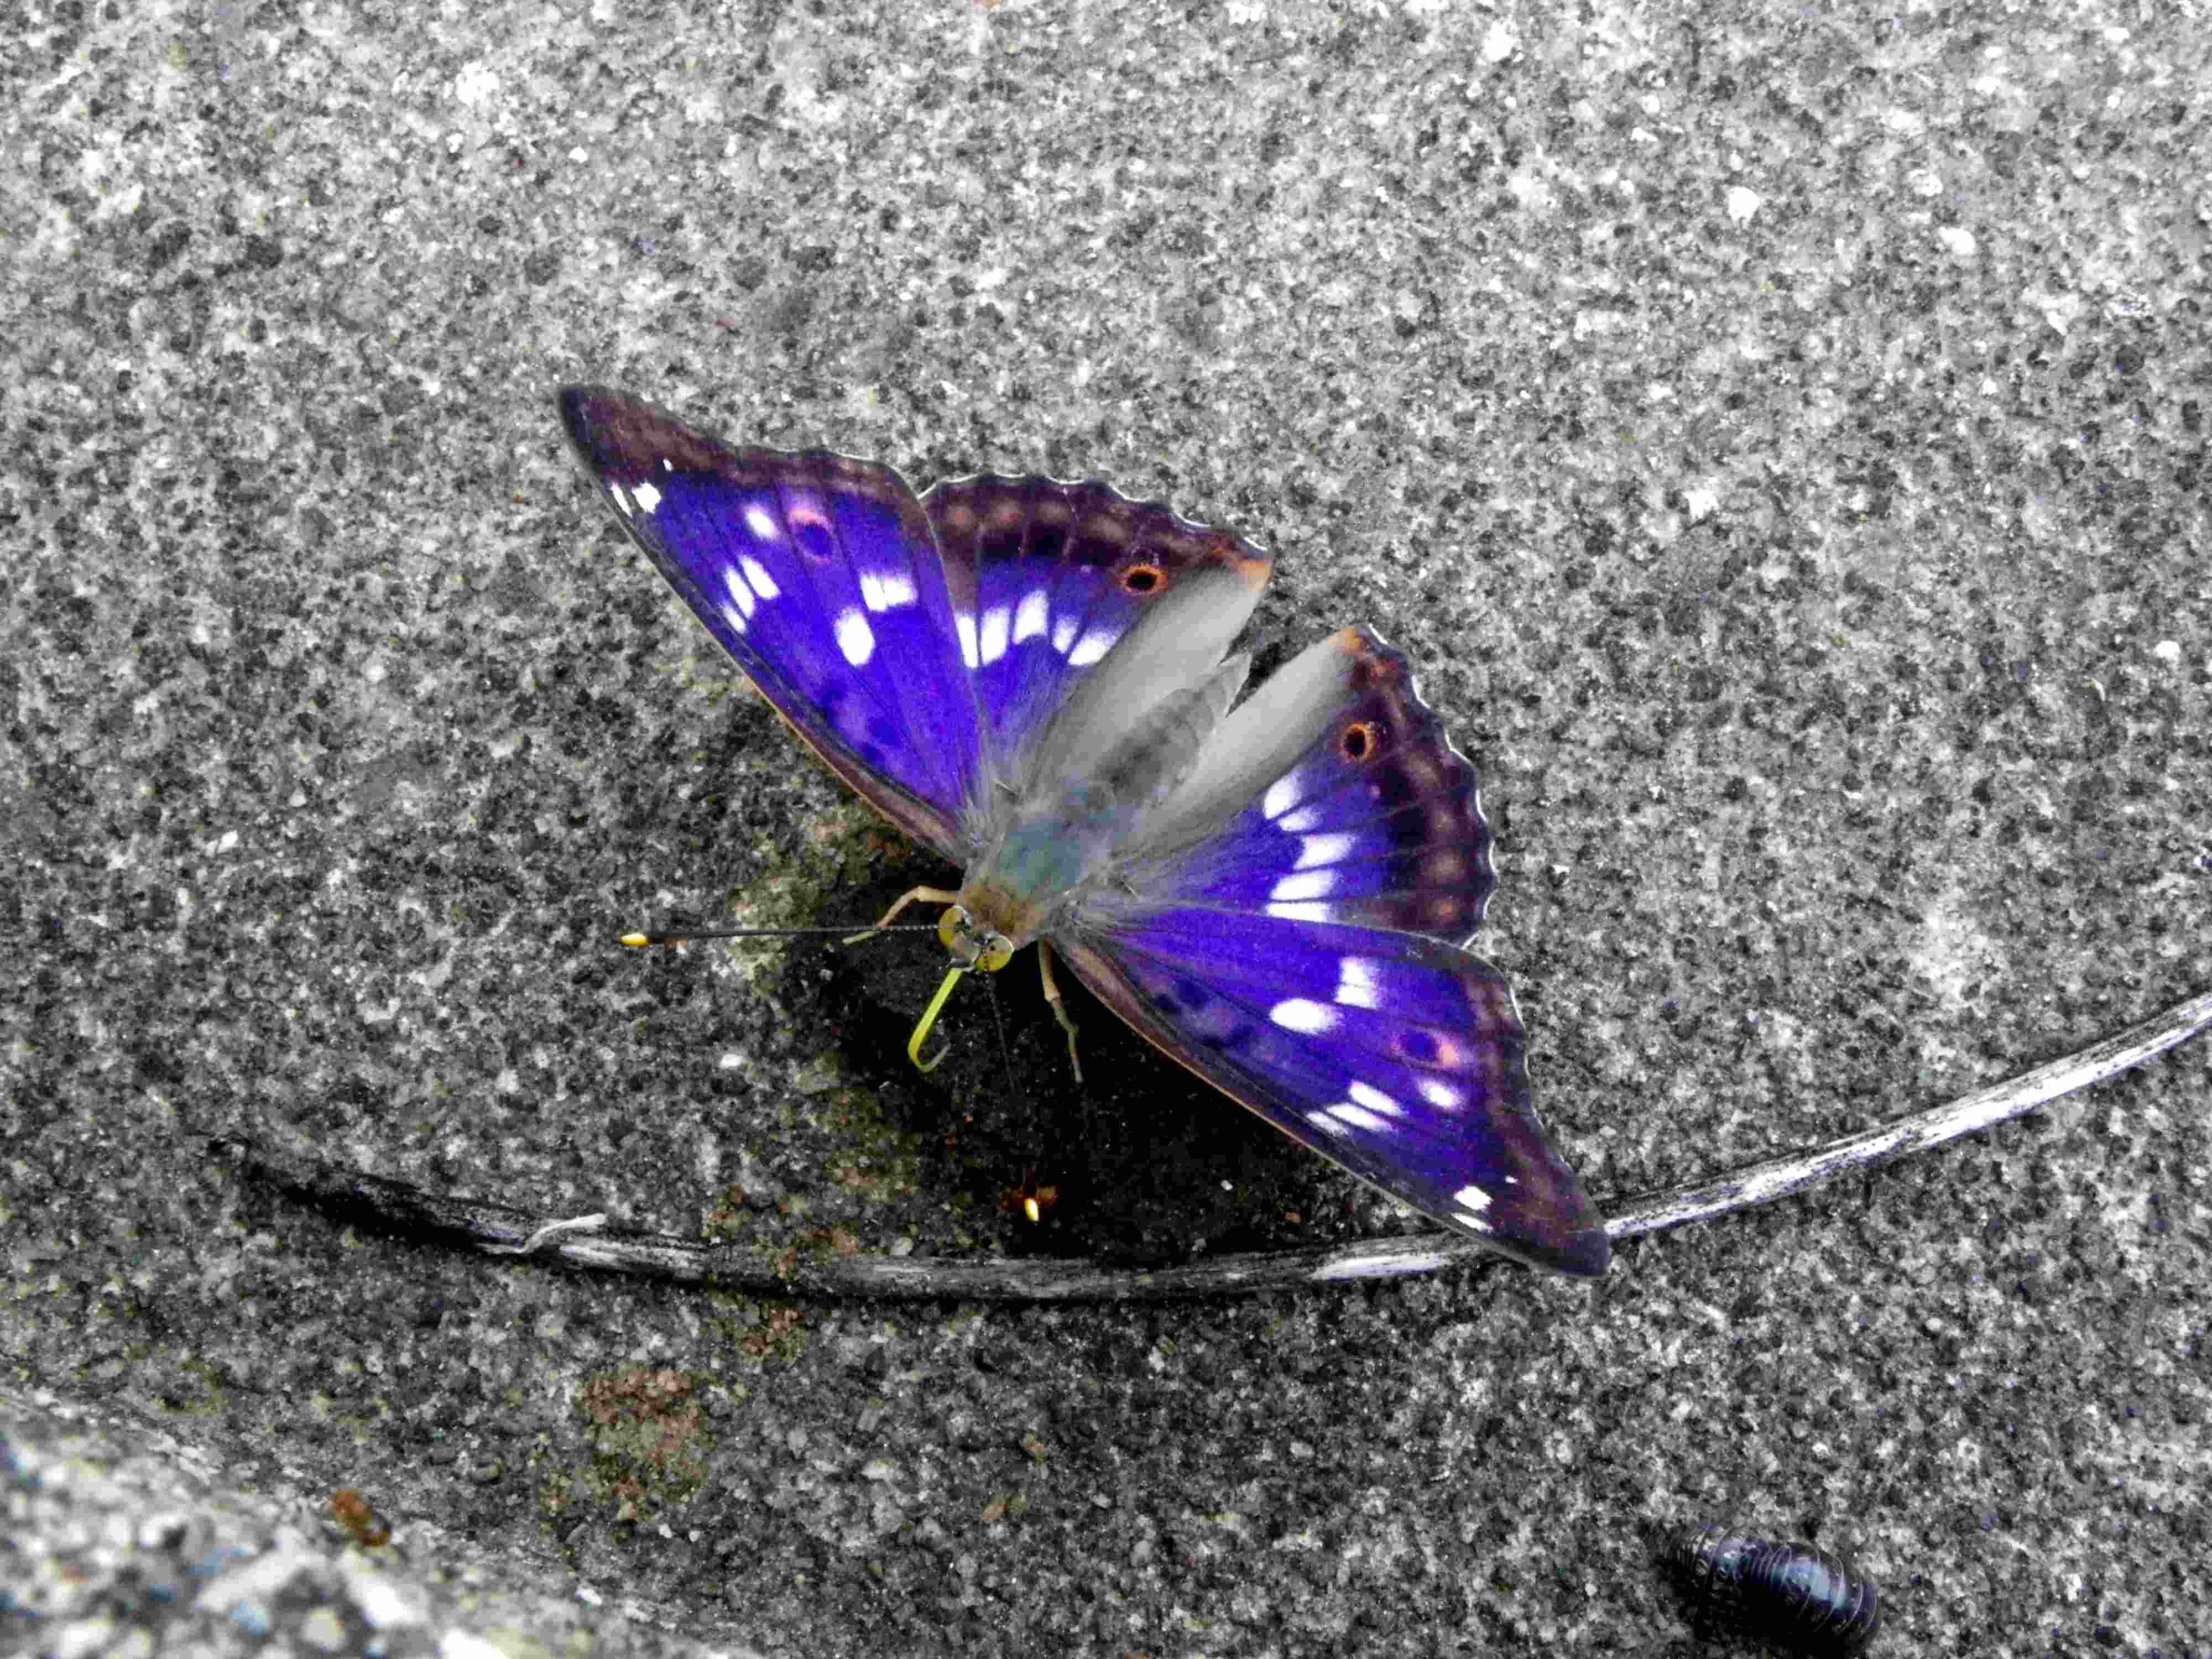 クロコムラサキ四翅の輝き 7月10日_d0254540_19483071.jpg